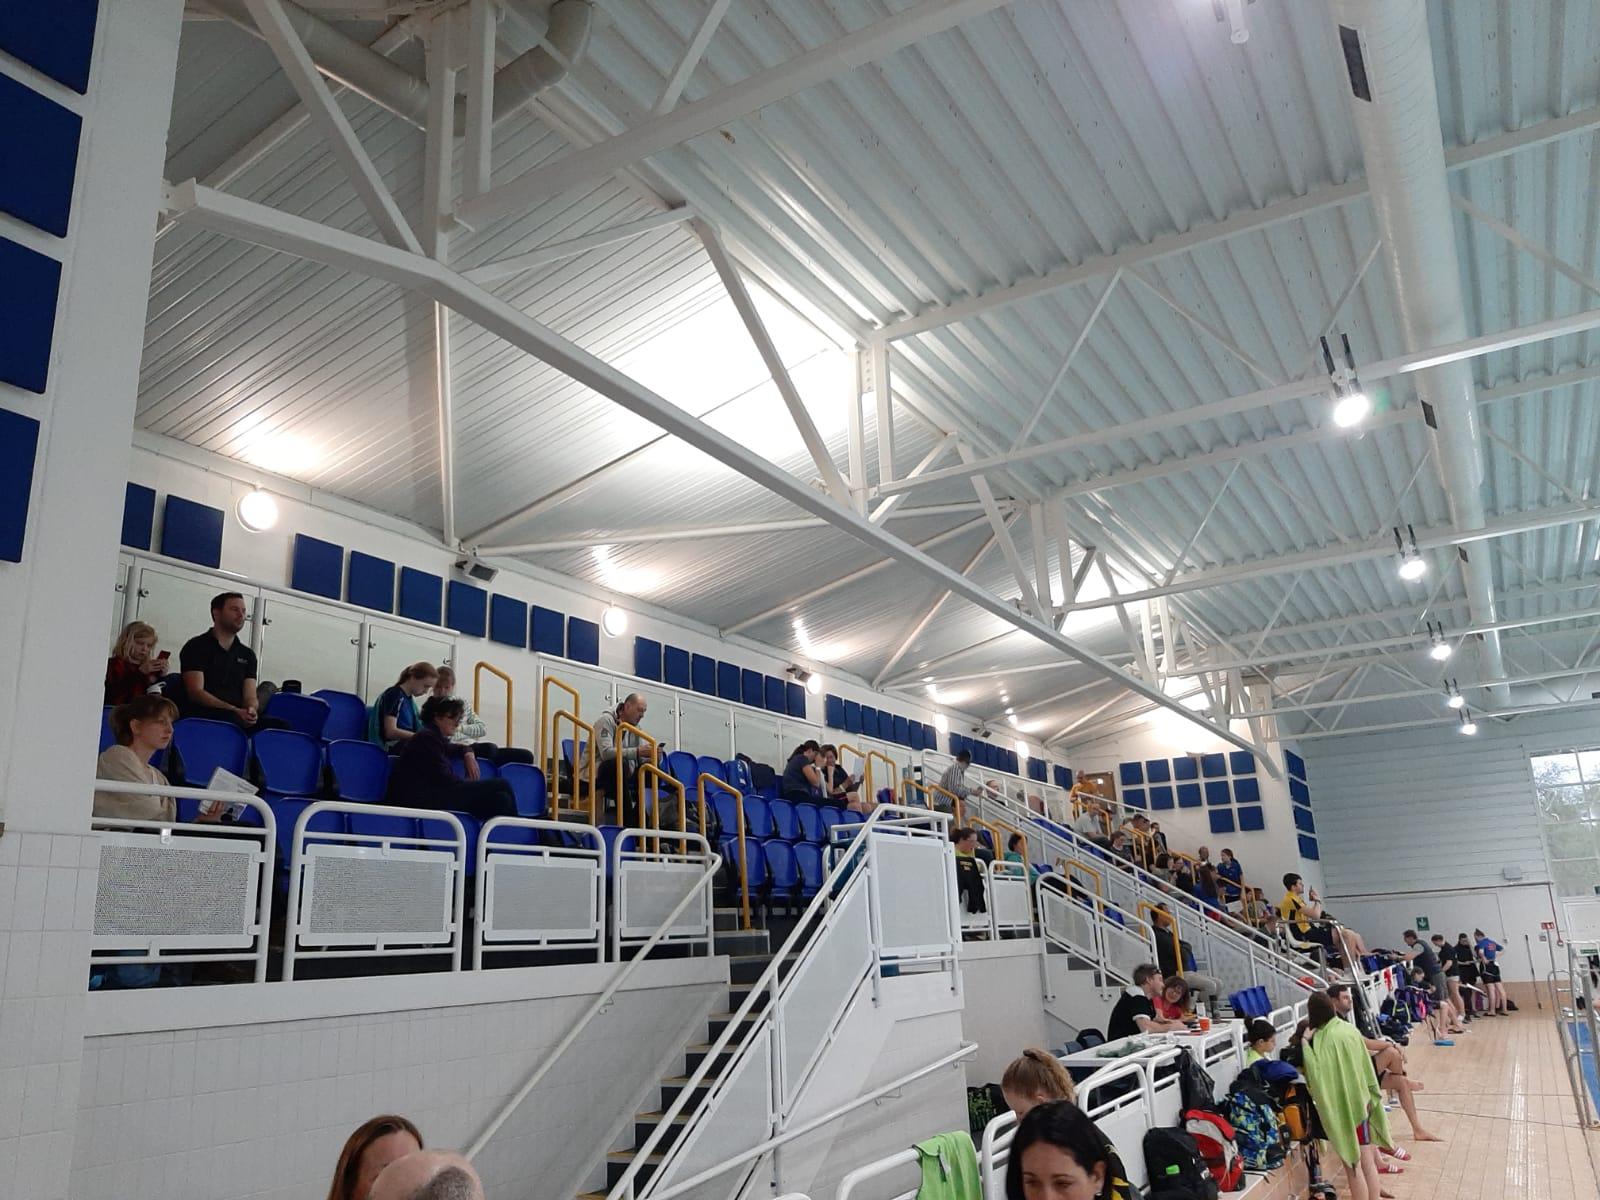 Quiet and few spectators